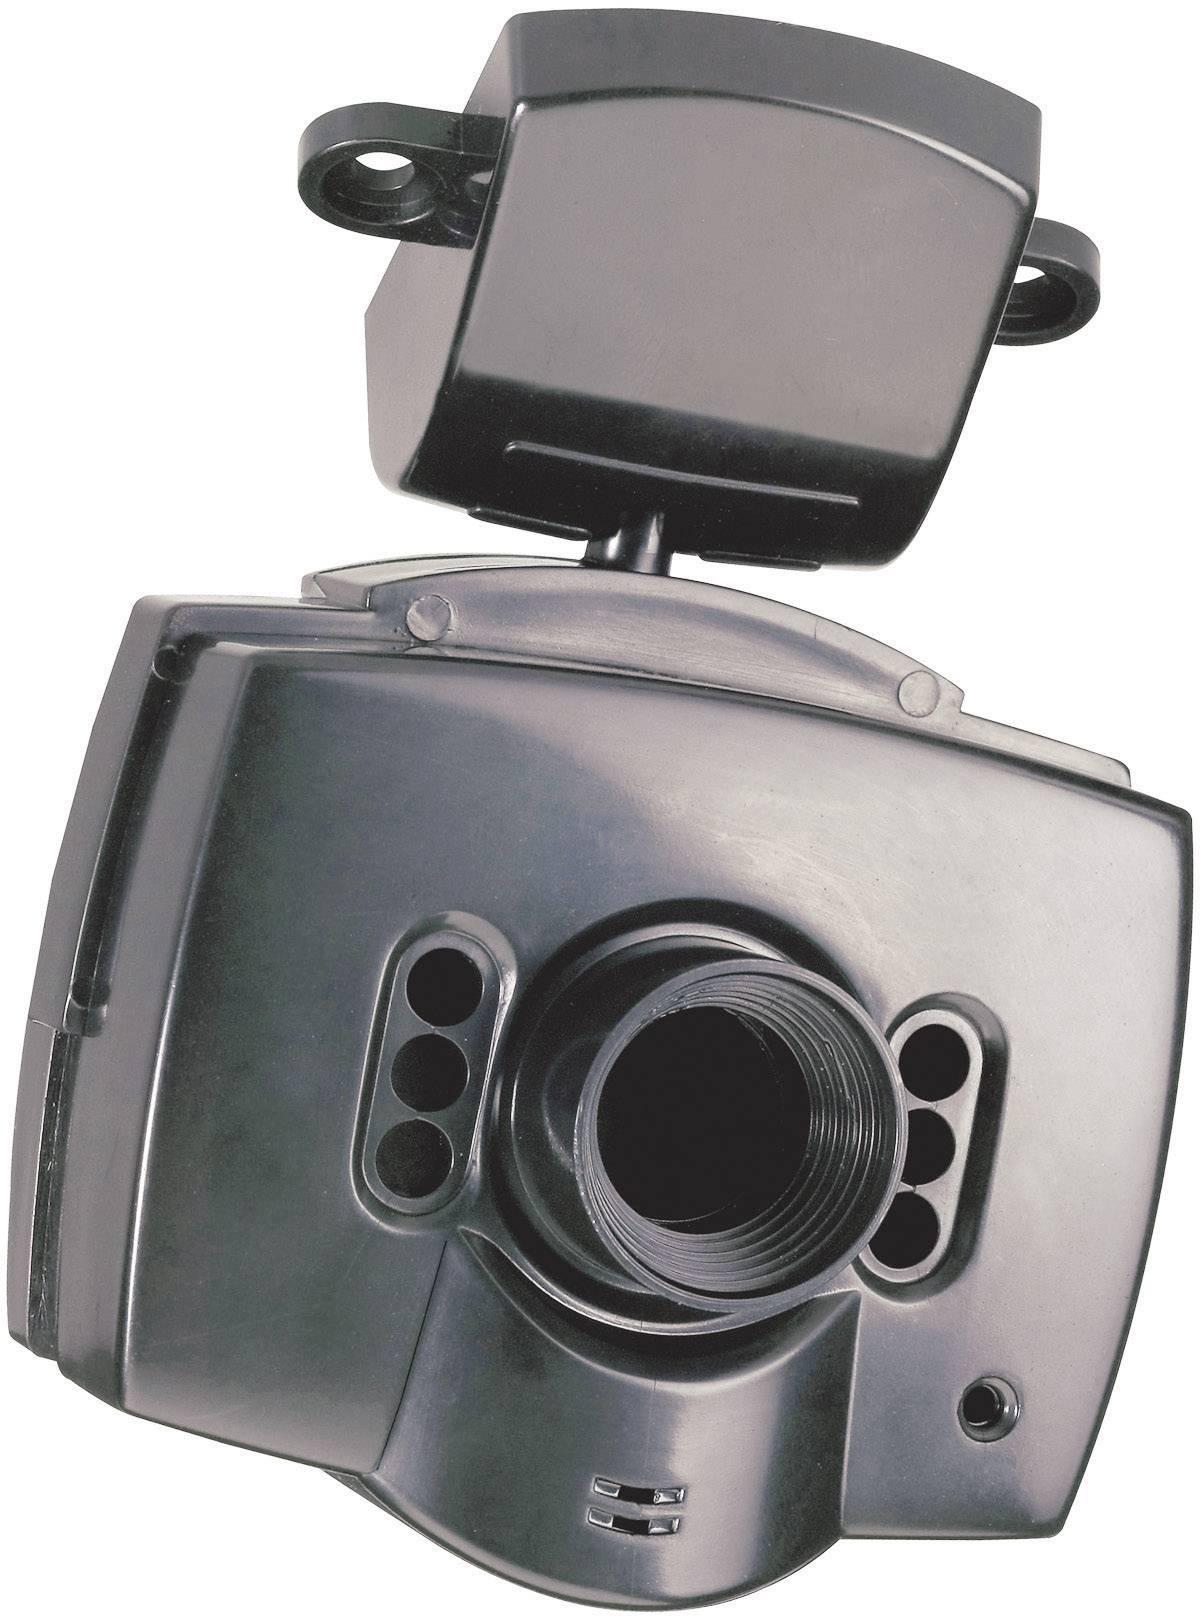 Plastové pouzdro pro infračervené kamery